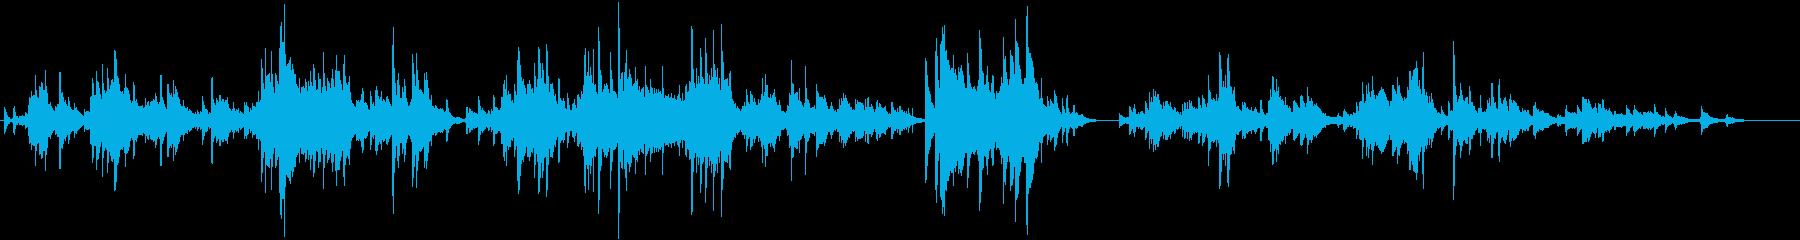 切なく心に染み入る繊細なピアノソロの再生済みの波形